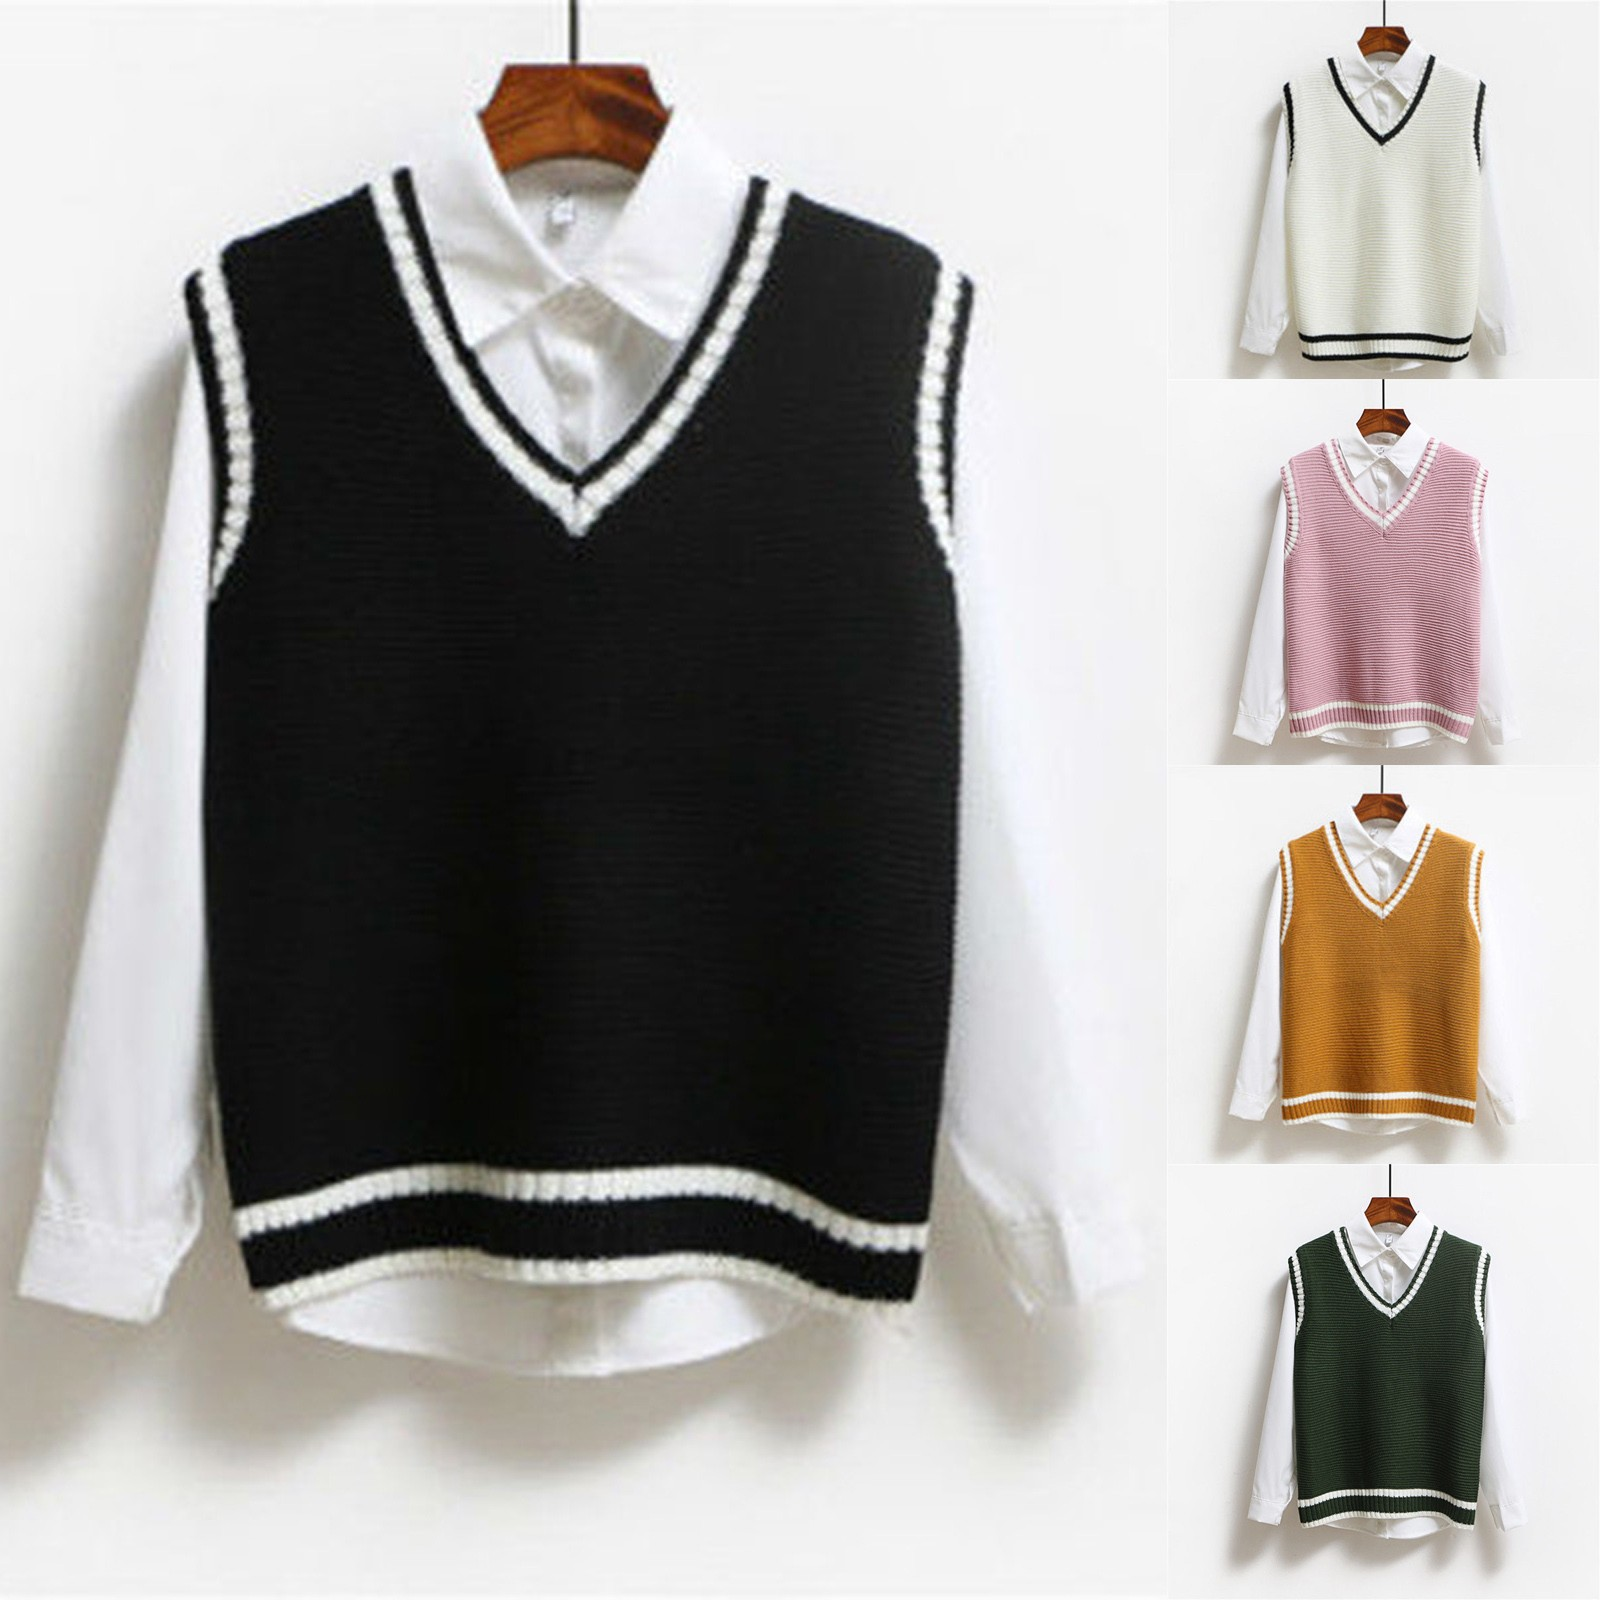 Chaleco de punto a cuadros para mujer, suéter de moda, Tops con cuello de pico, Tops Chic de estilo Preppy, 2021